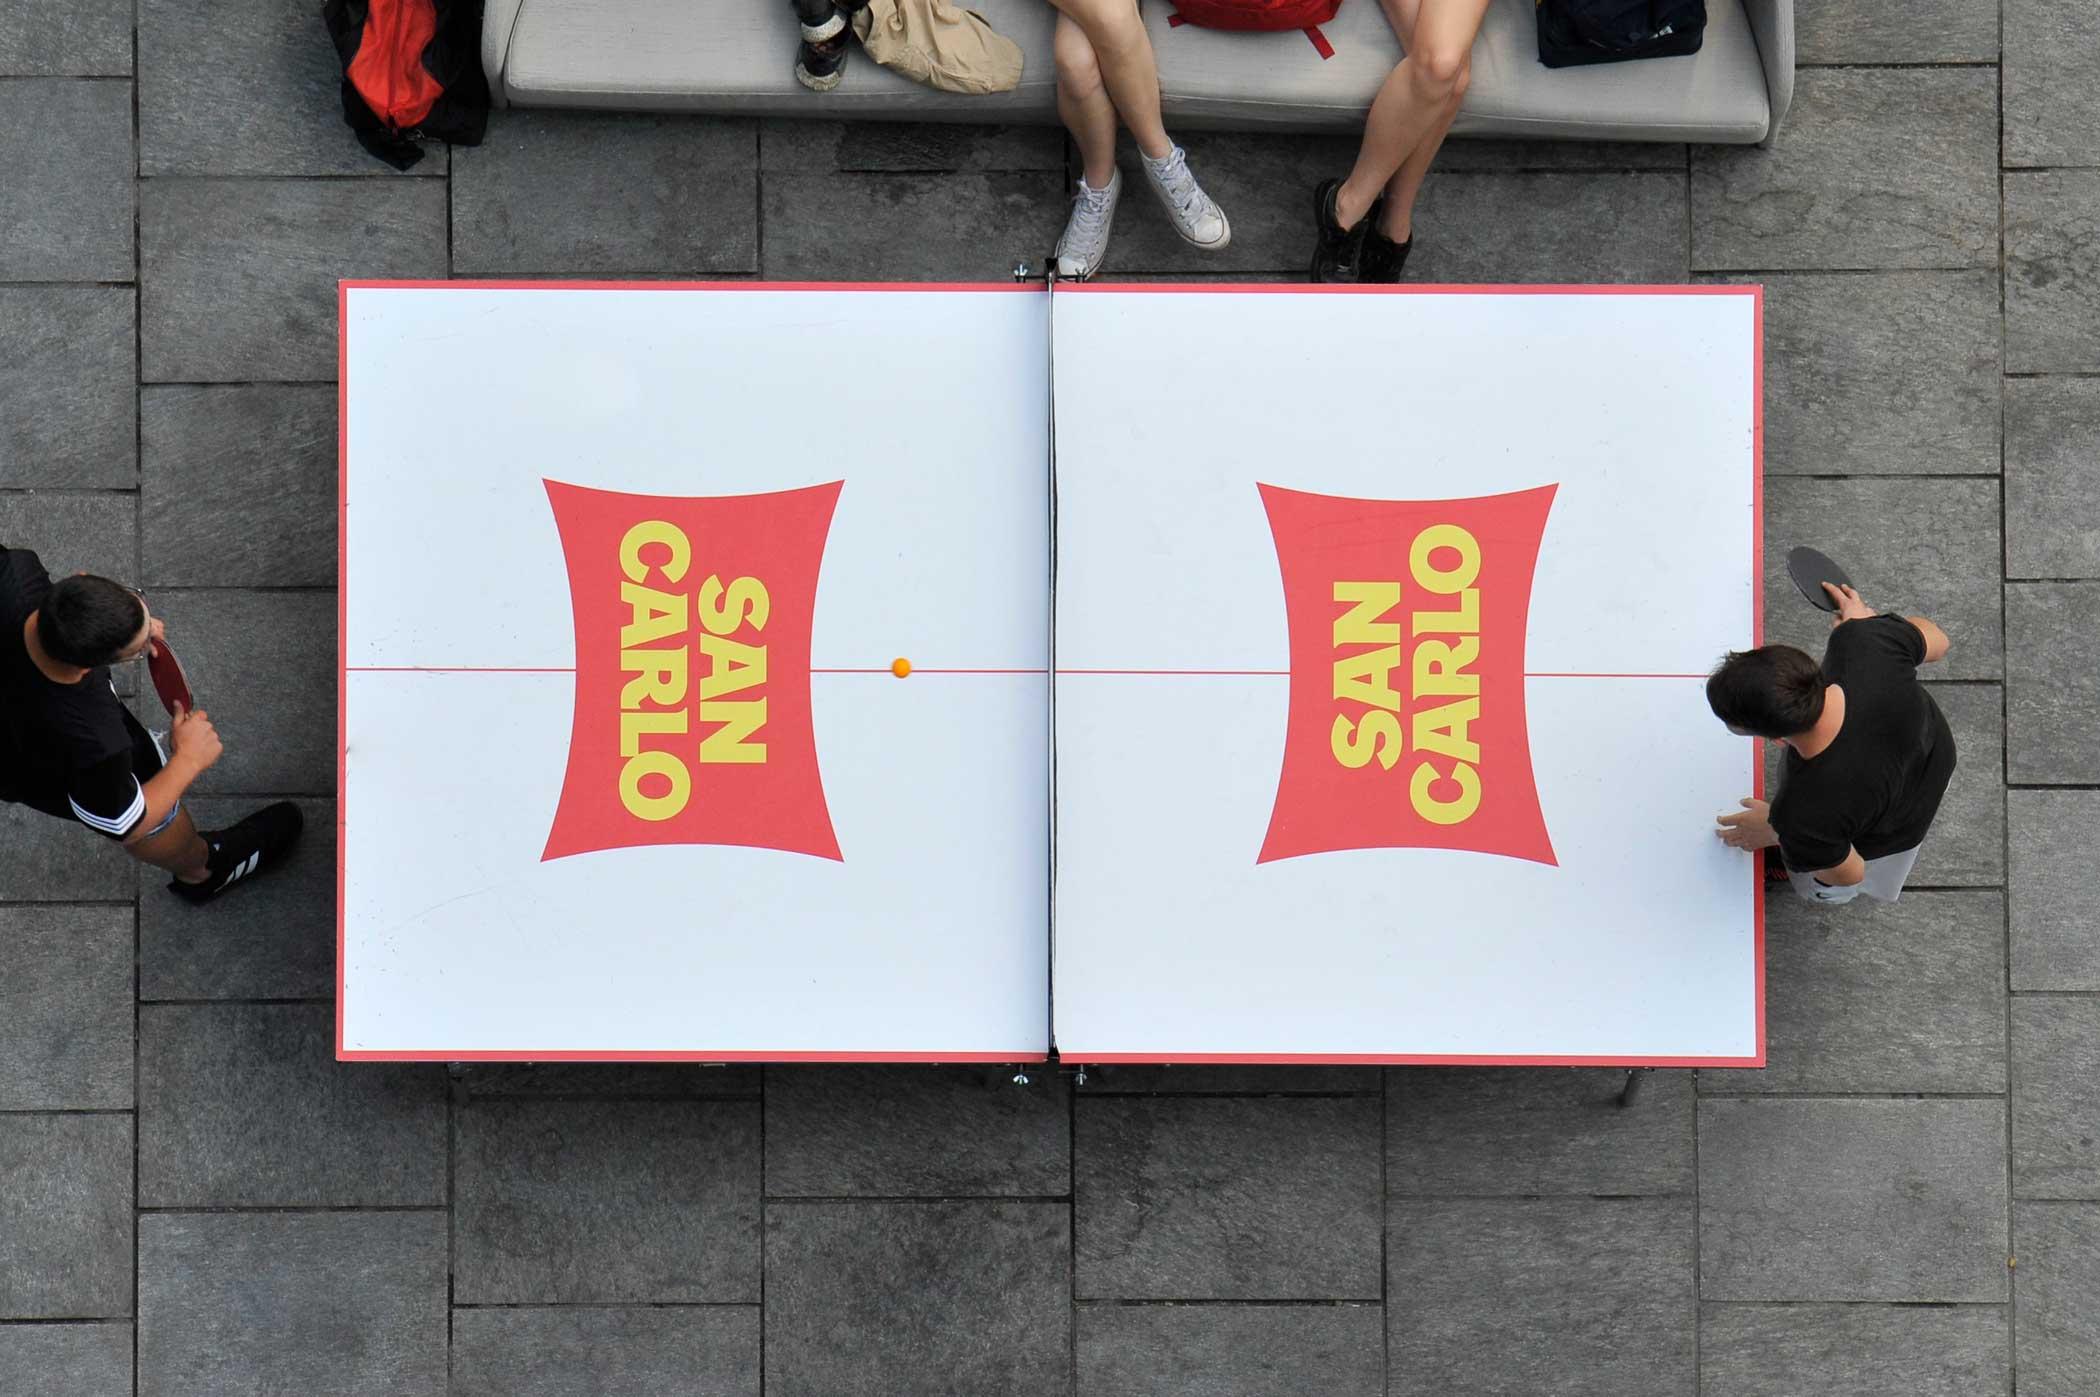 San Carlo e Mi Games - tavolo da ping pong brandizzato